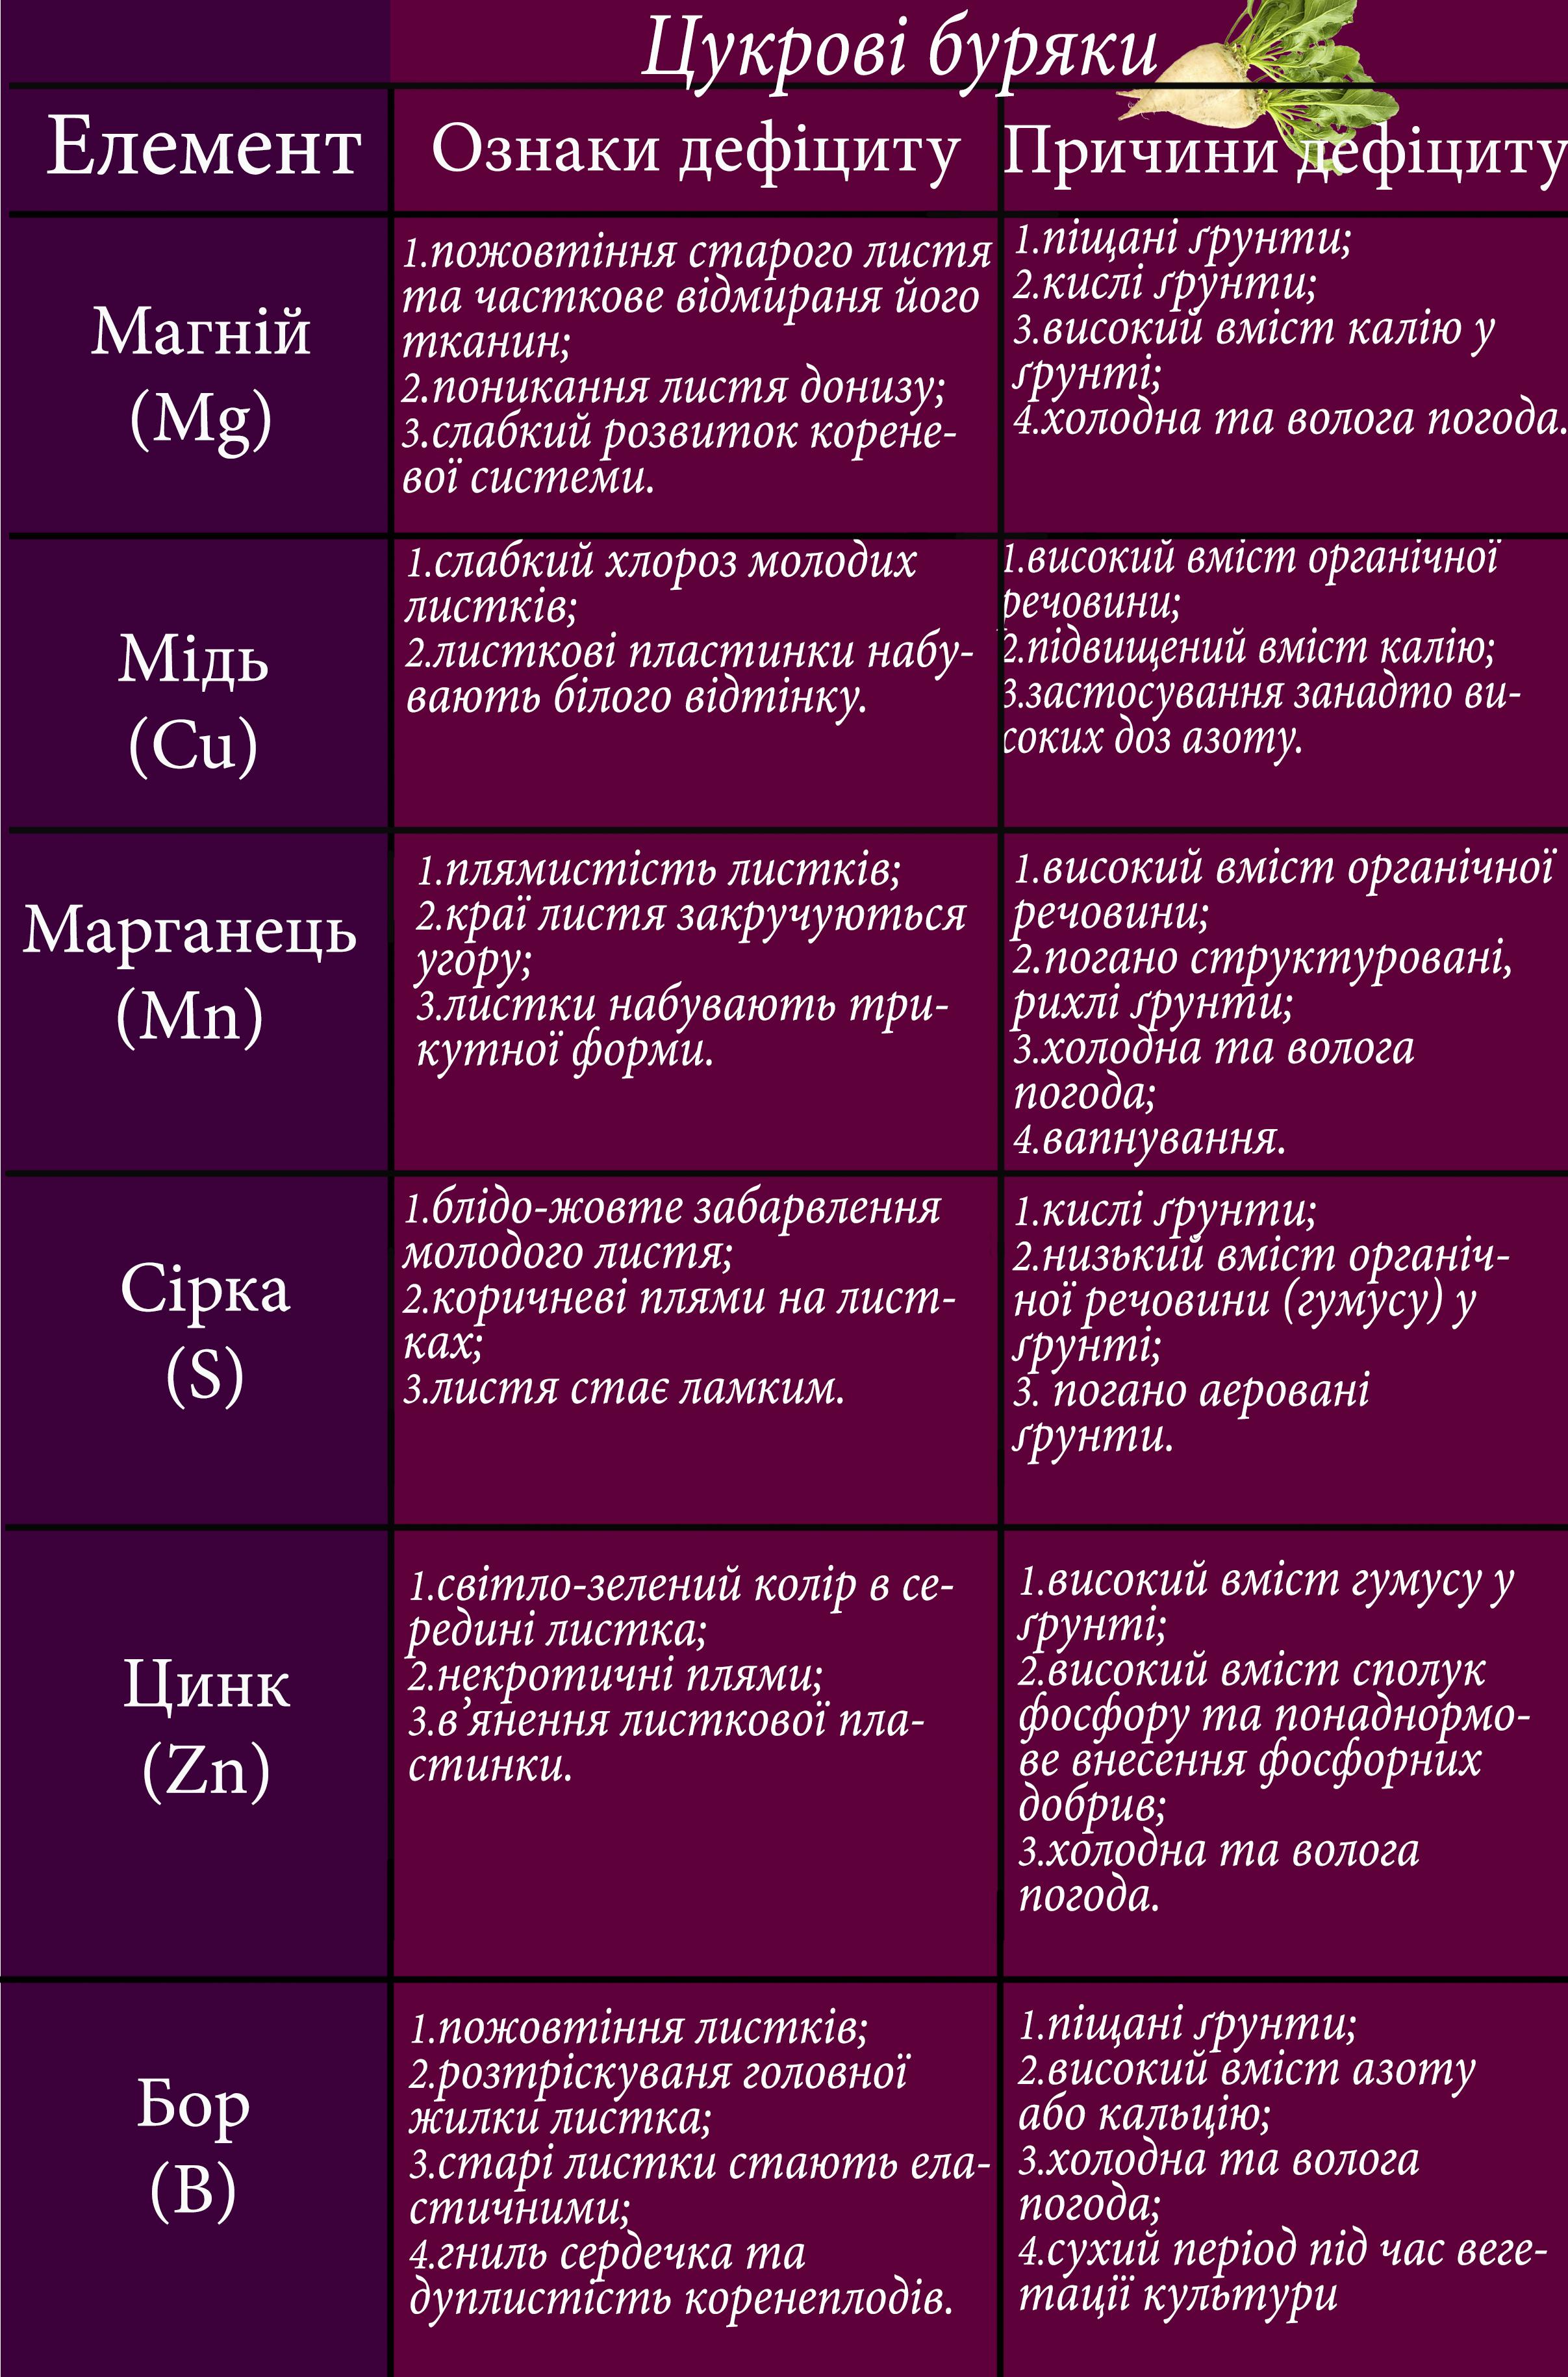 елементи на культурах - цб